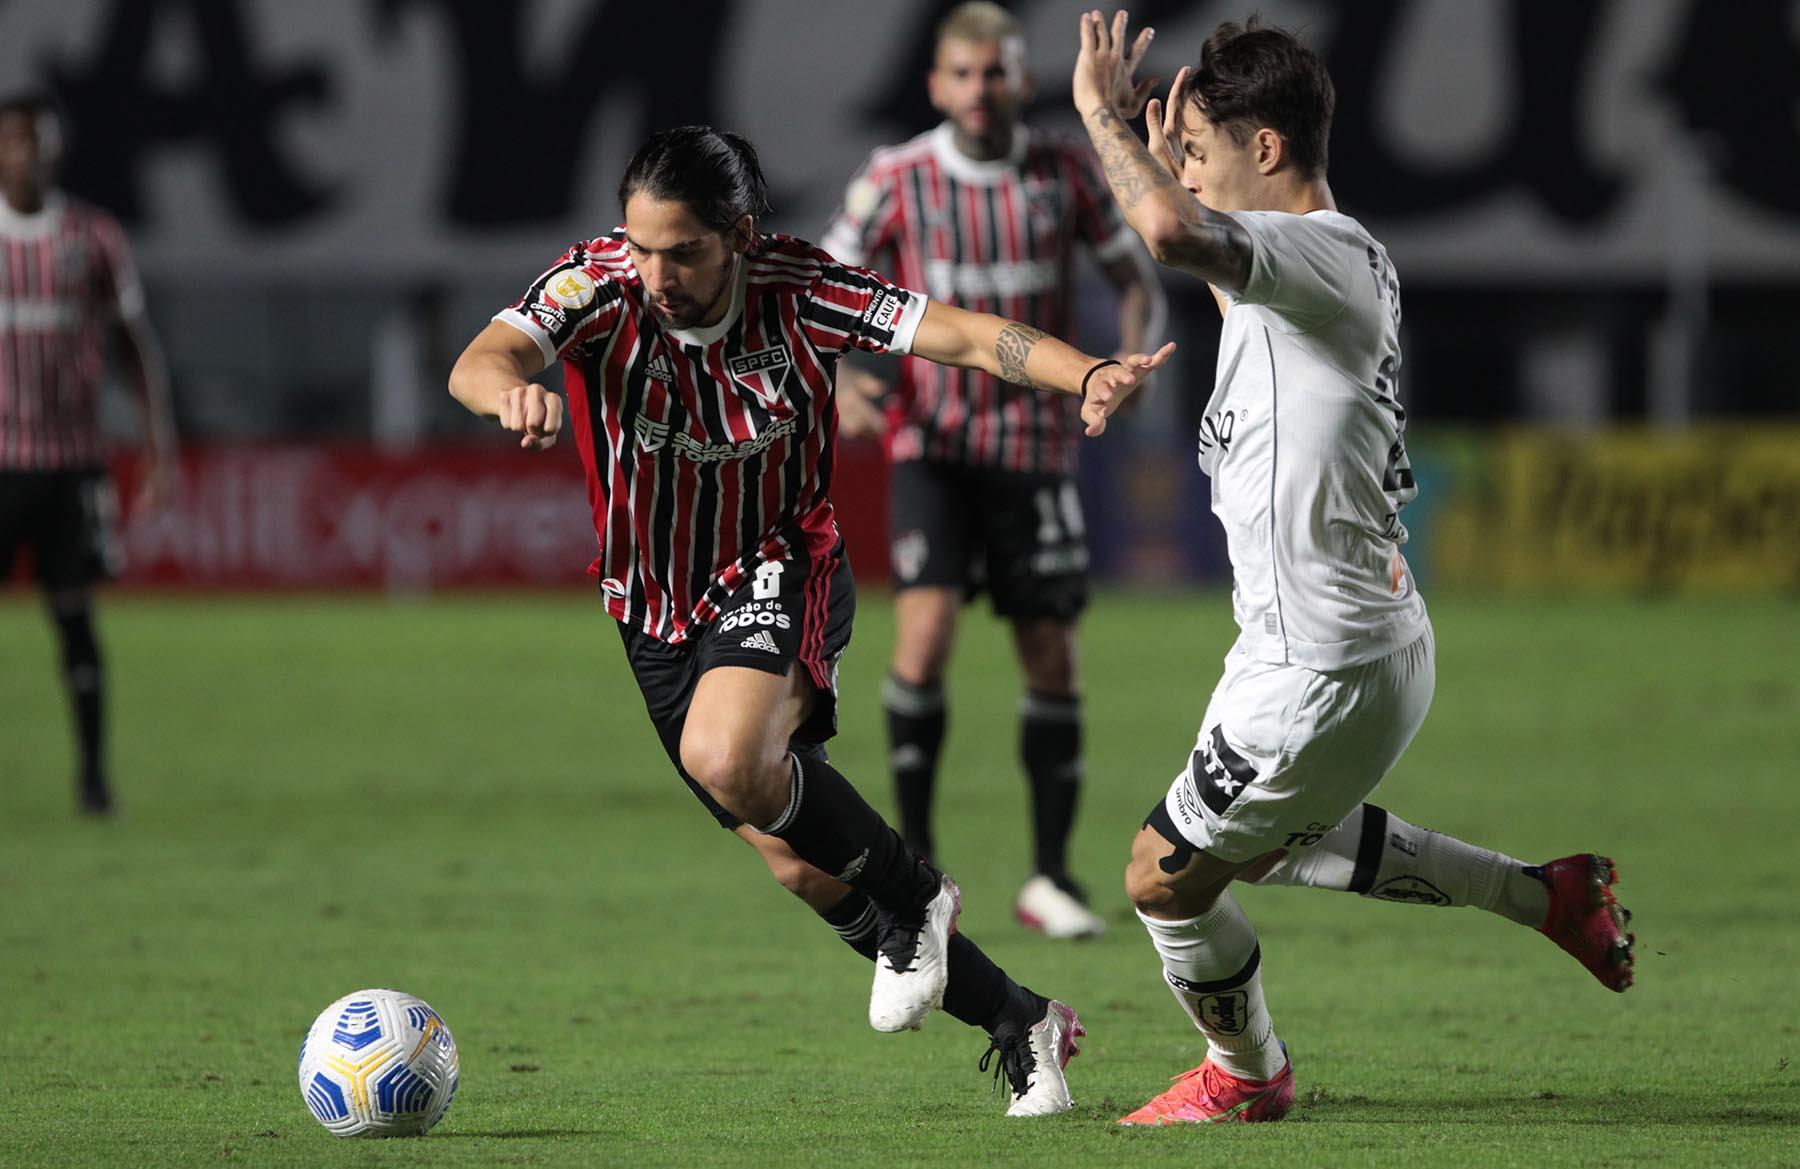 Fora de casa, São Paulo perde para o Santos por 2 a 0